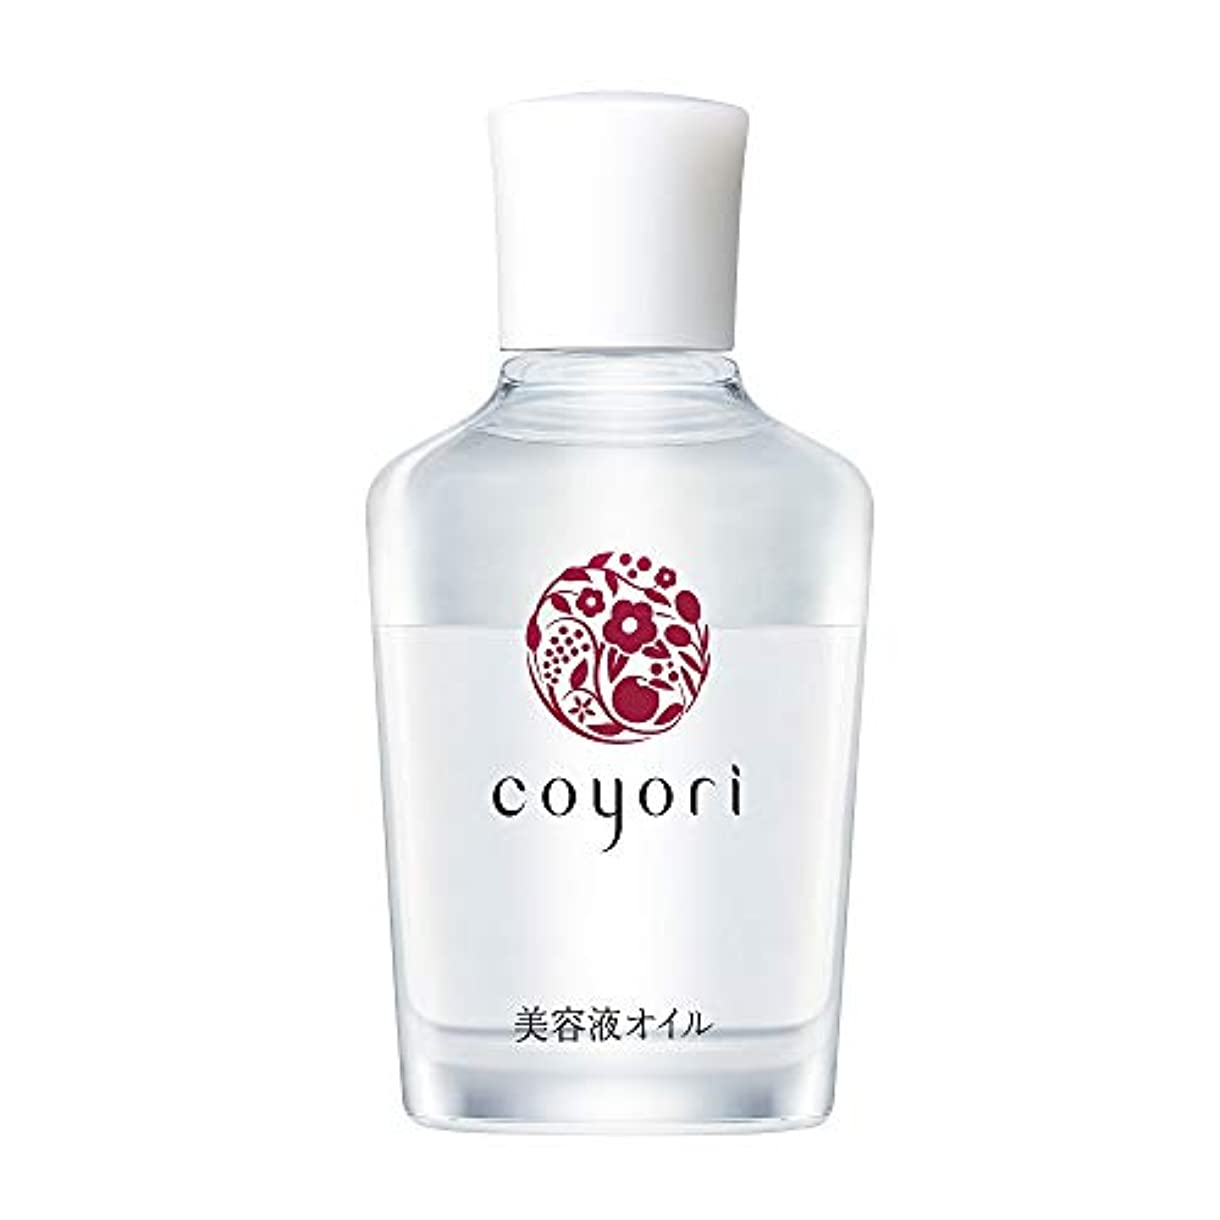 表面どきどきにもかかわらず[公式] コヨリ 美容液オイル 40mL 無添加 大容量[高機能 自然派 エイジングケア 乾燥肌 敏感肌 くすみ 乾燥 小じわ 対策用 もっちり ハリ ツヤ フェイスオイル ]